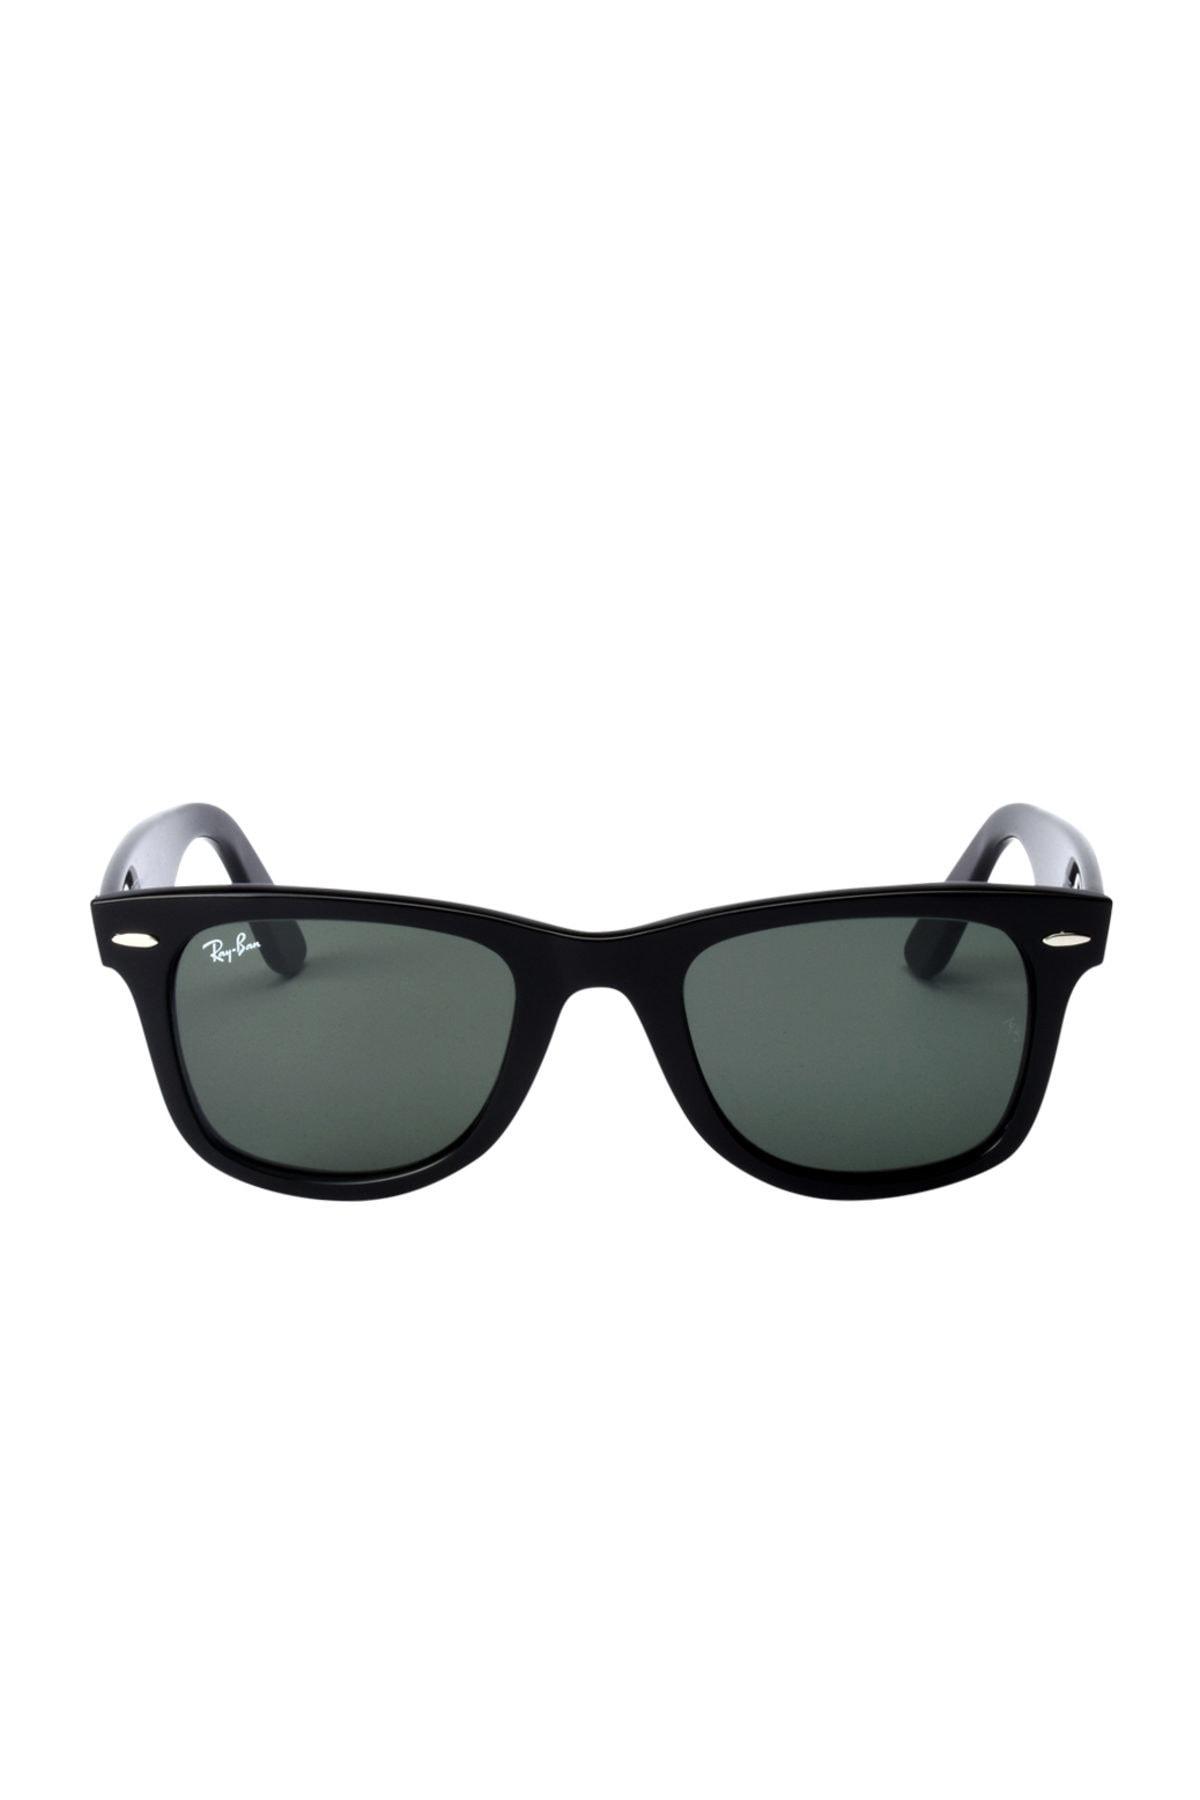 ست عینک آفتابی مردانه برند ری بن کد ty2484708